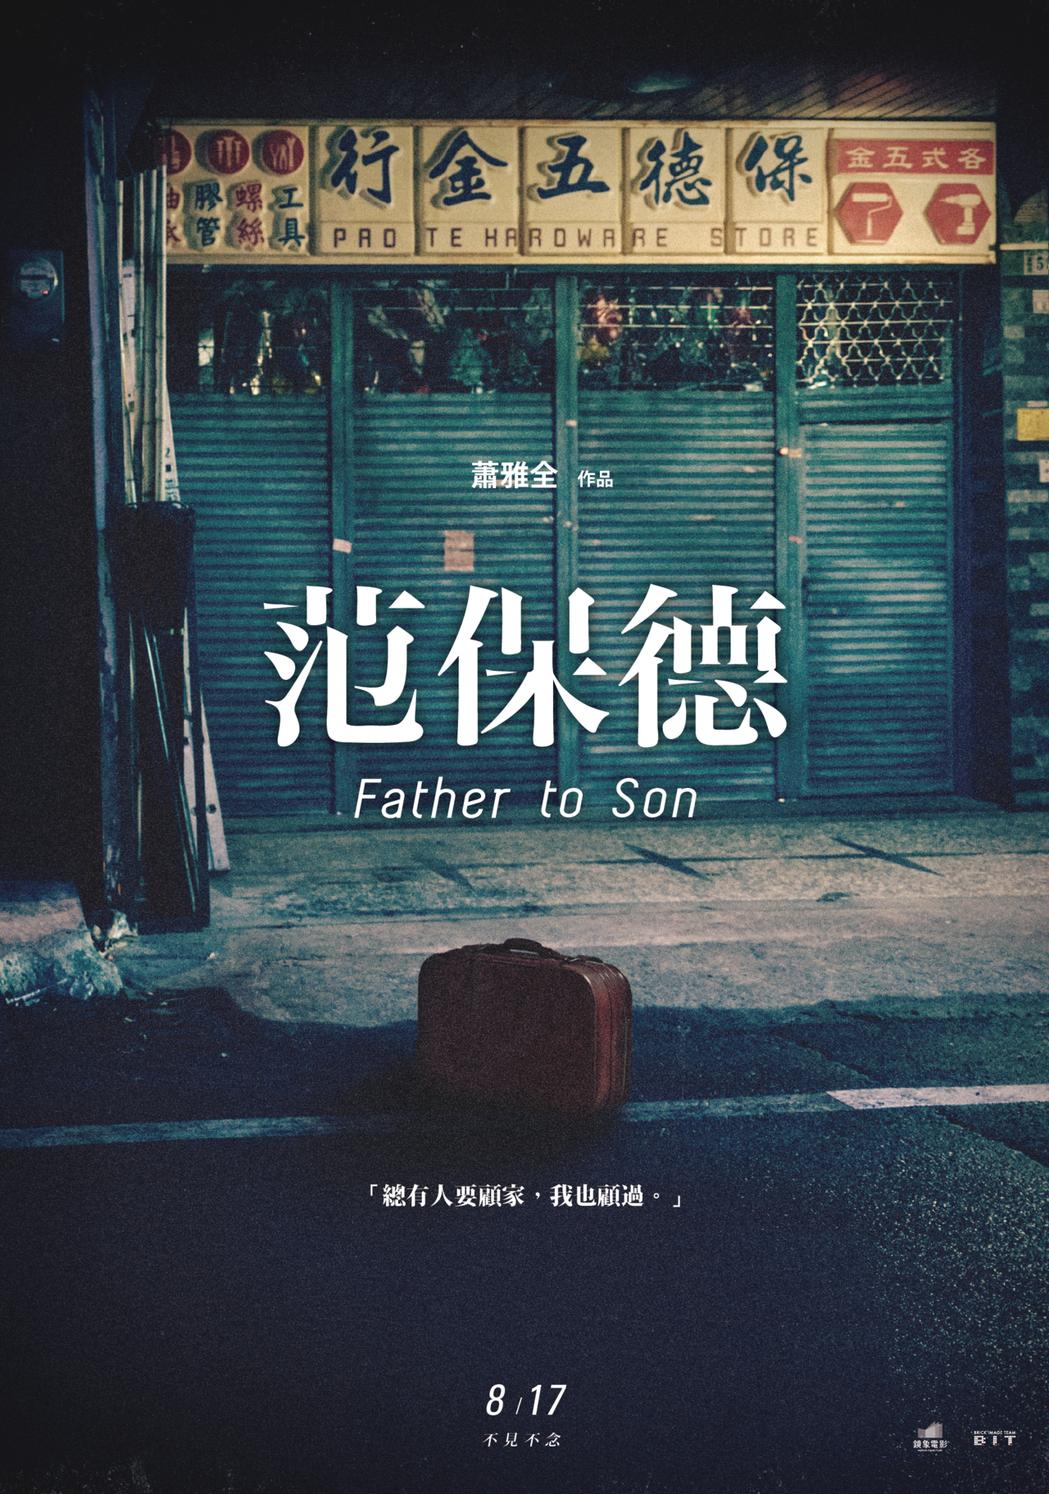 第20屆台北電影節開幕電影「范保德」前導中文海報。圖/鏡象電影提供